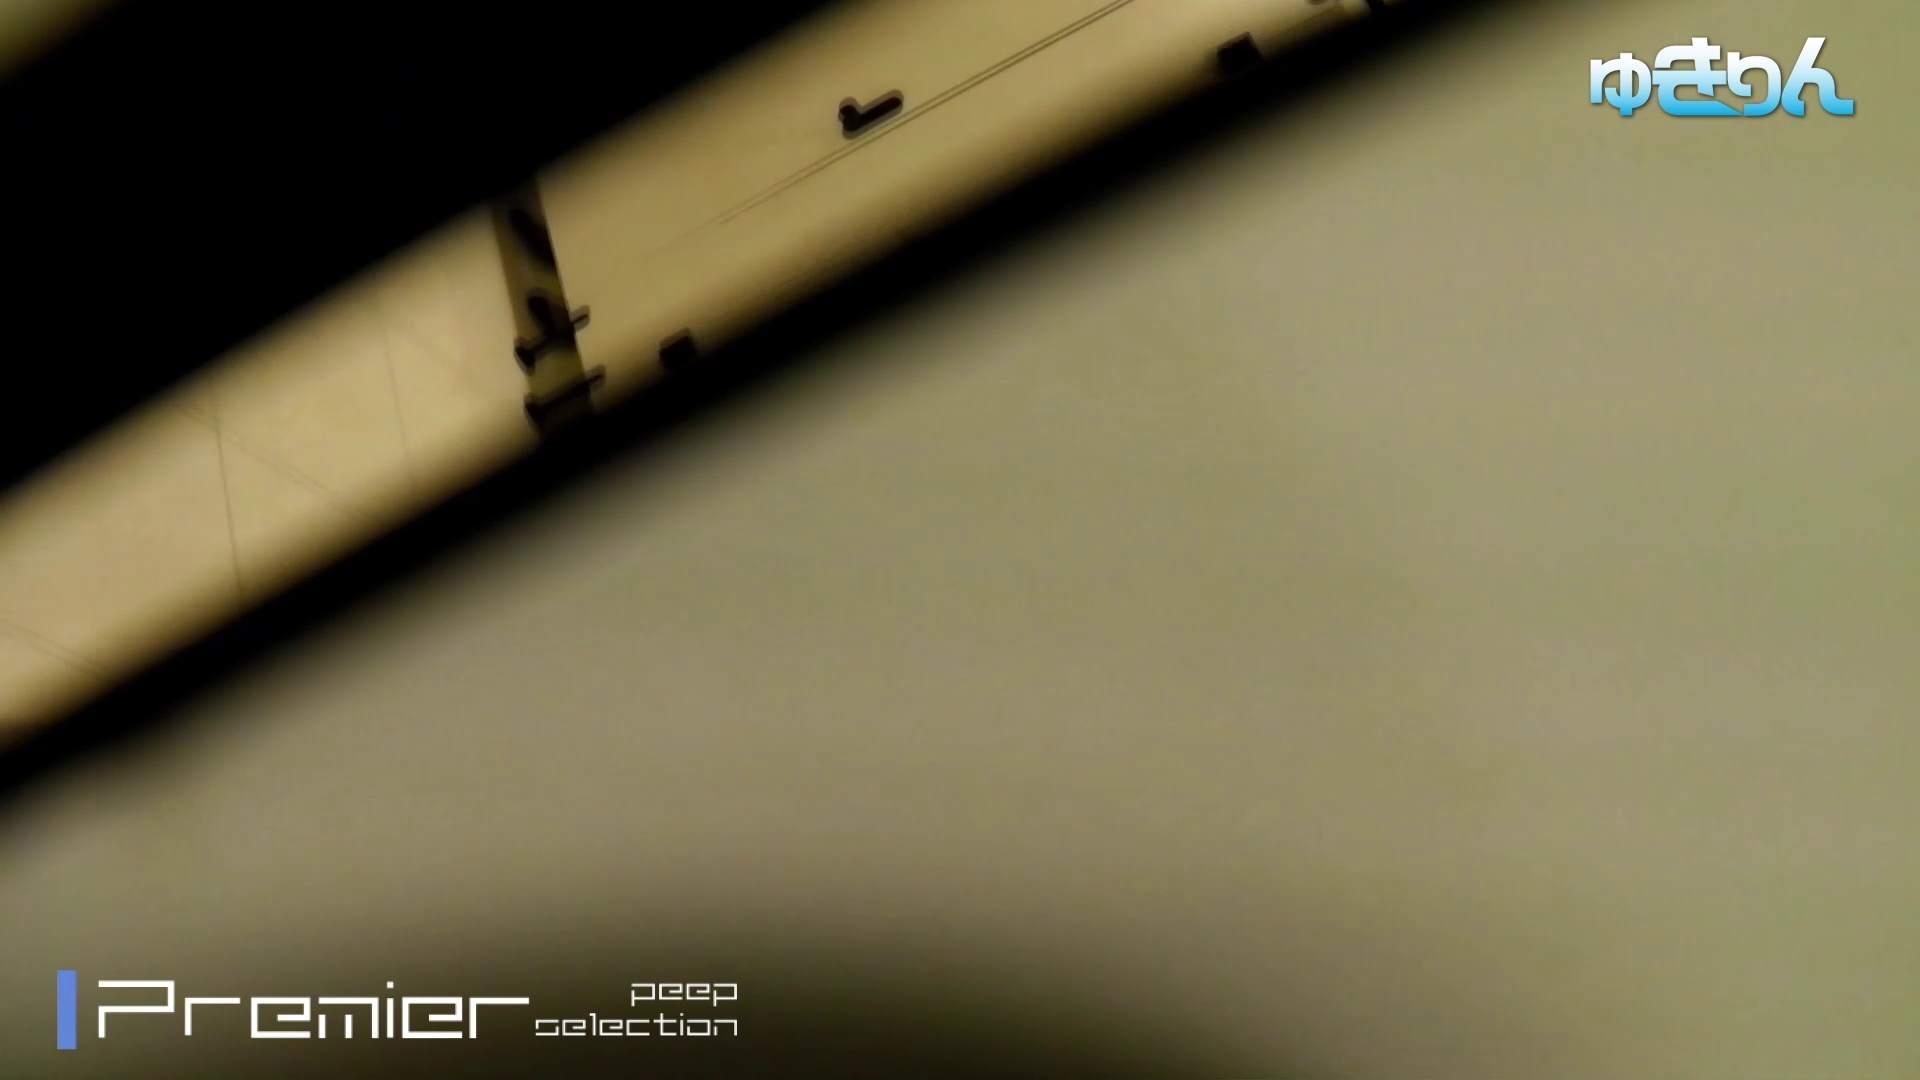 新世界の射窓 No100 祝 記念版!異次元な明るさと技術 無料動画 0  40連発 9